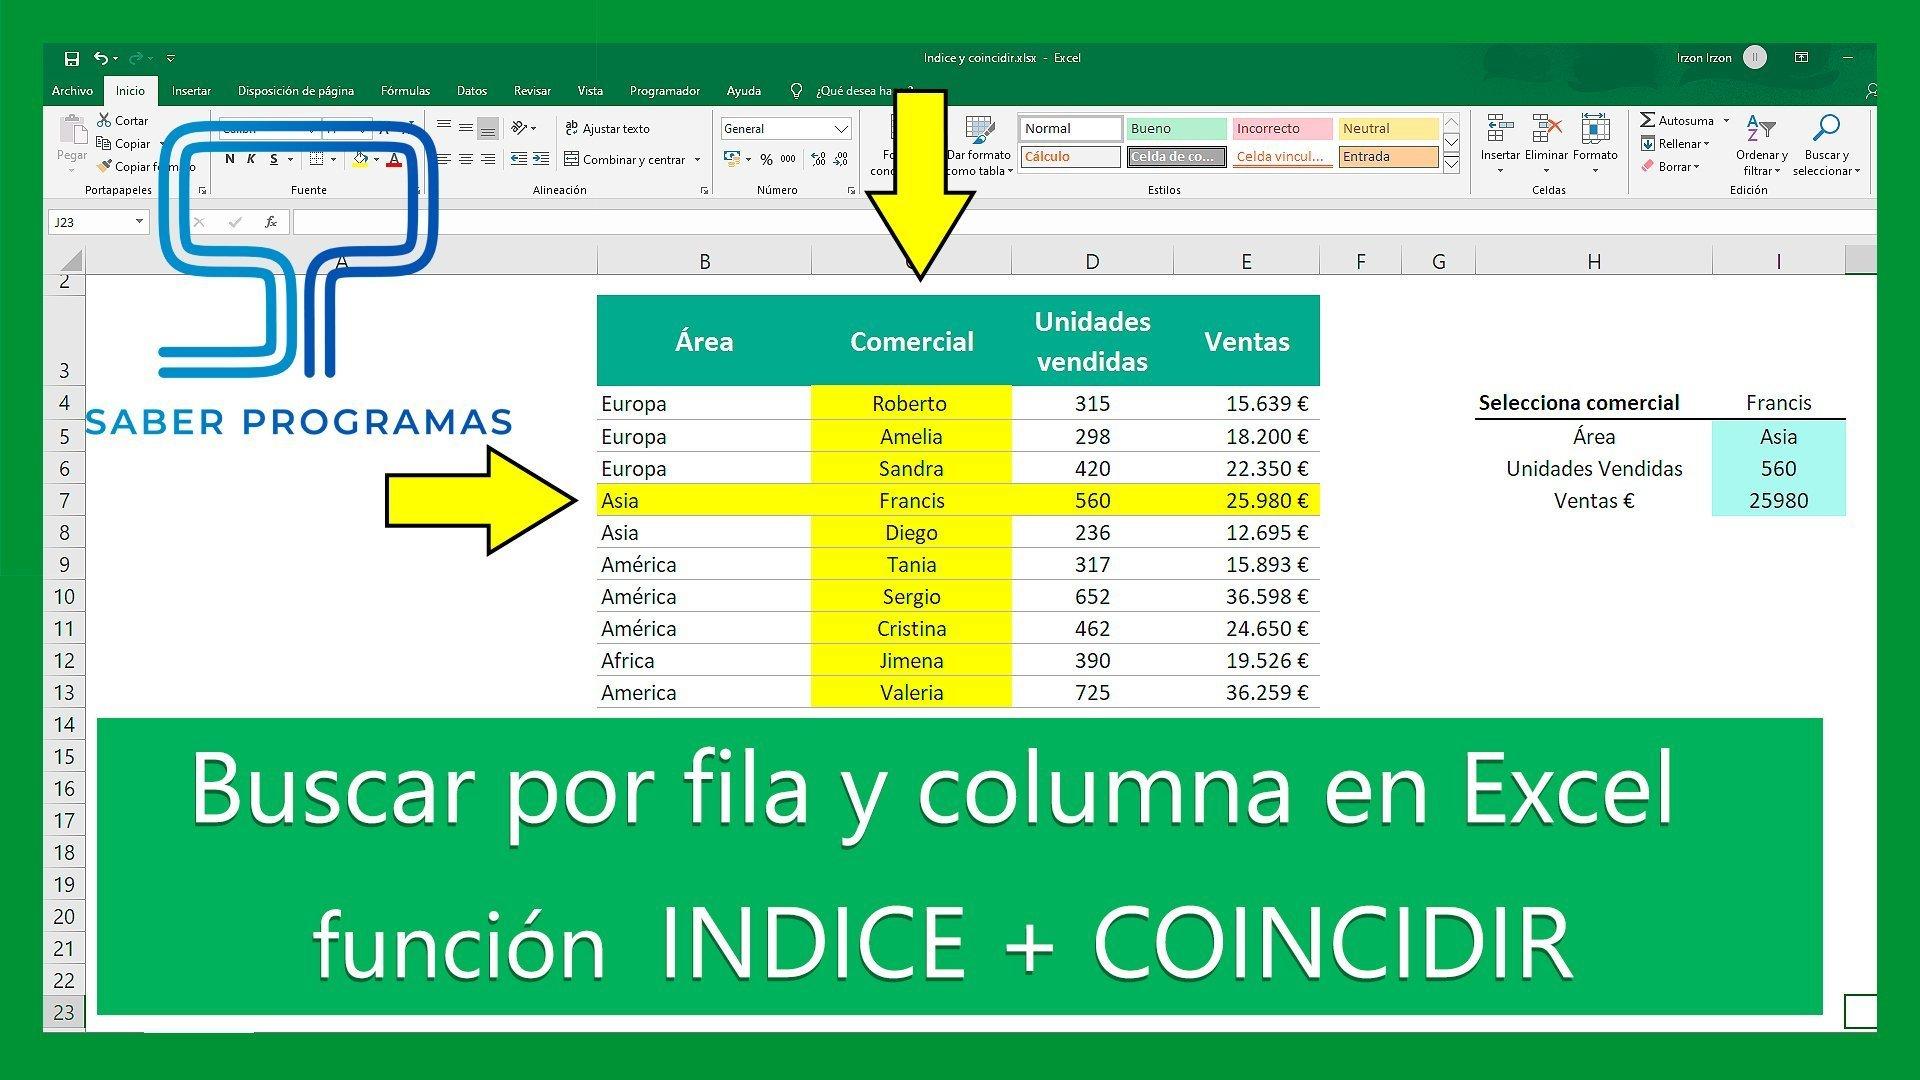 Buscar por fila y columna en Excel; INDICE y COINCIDIR